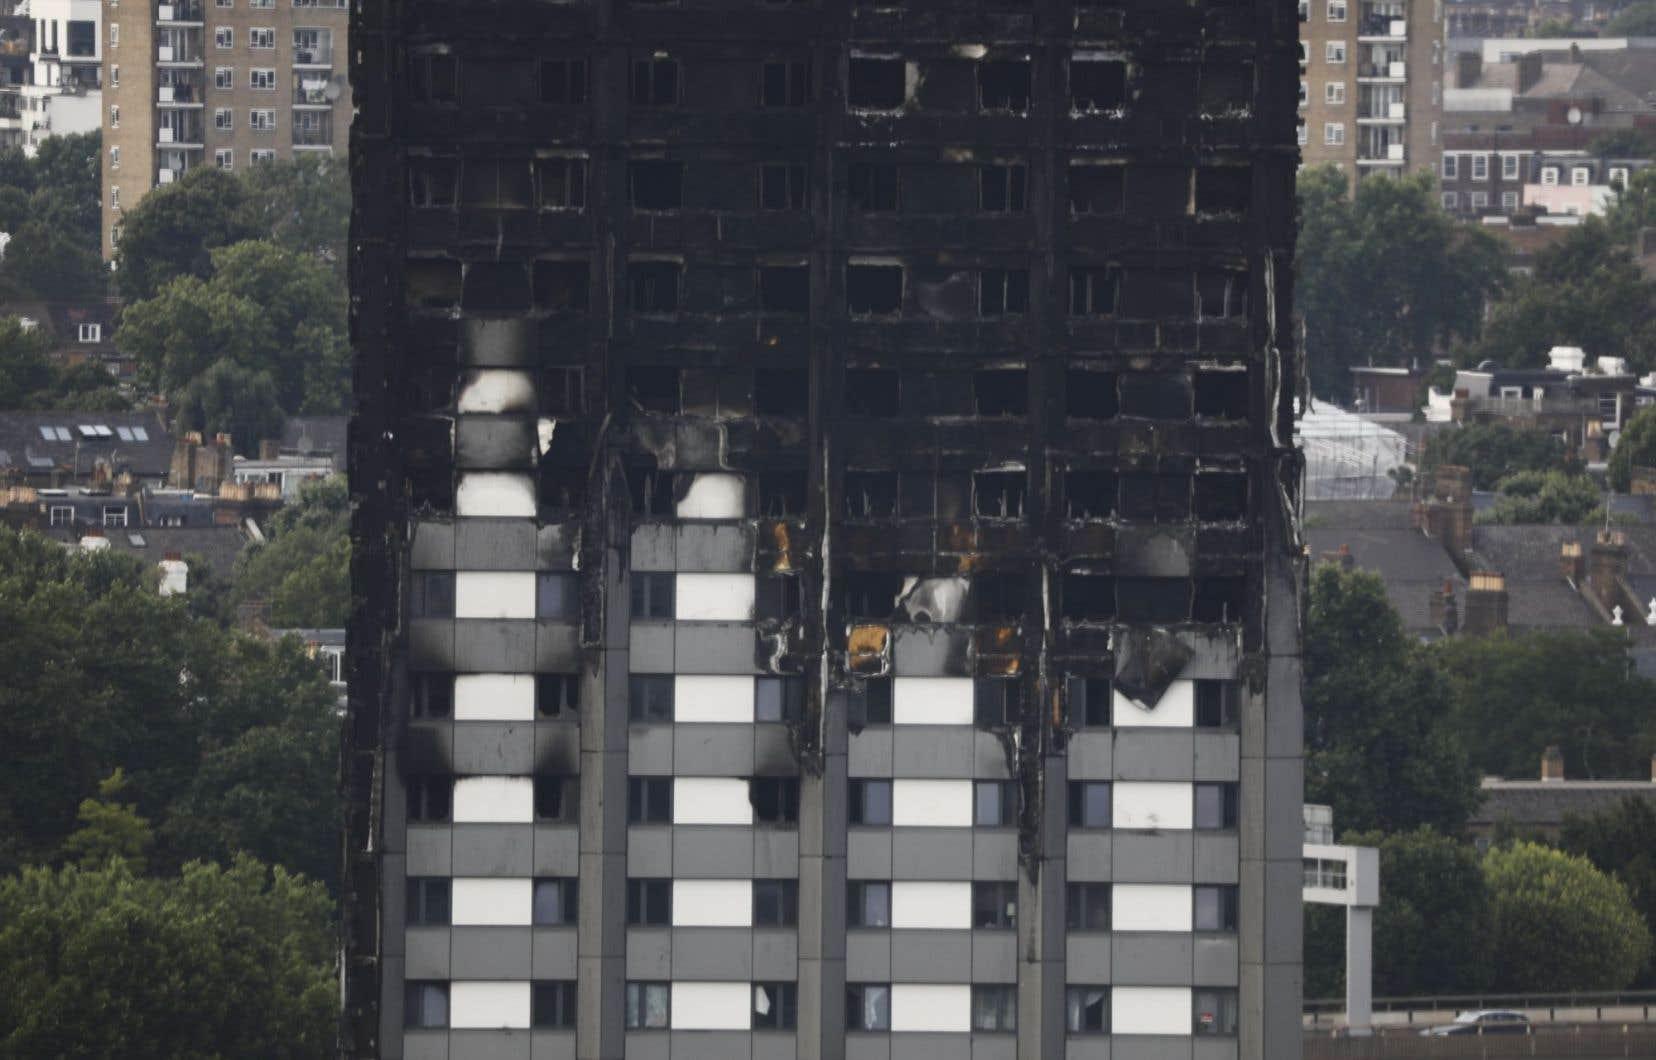 Certains corps pourraient ne jamais être identifiés en raison de la violence du brasier qui a enflammé la tour dans la nuit de mardi à mercredi dernier.